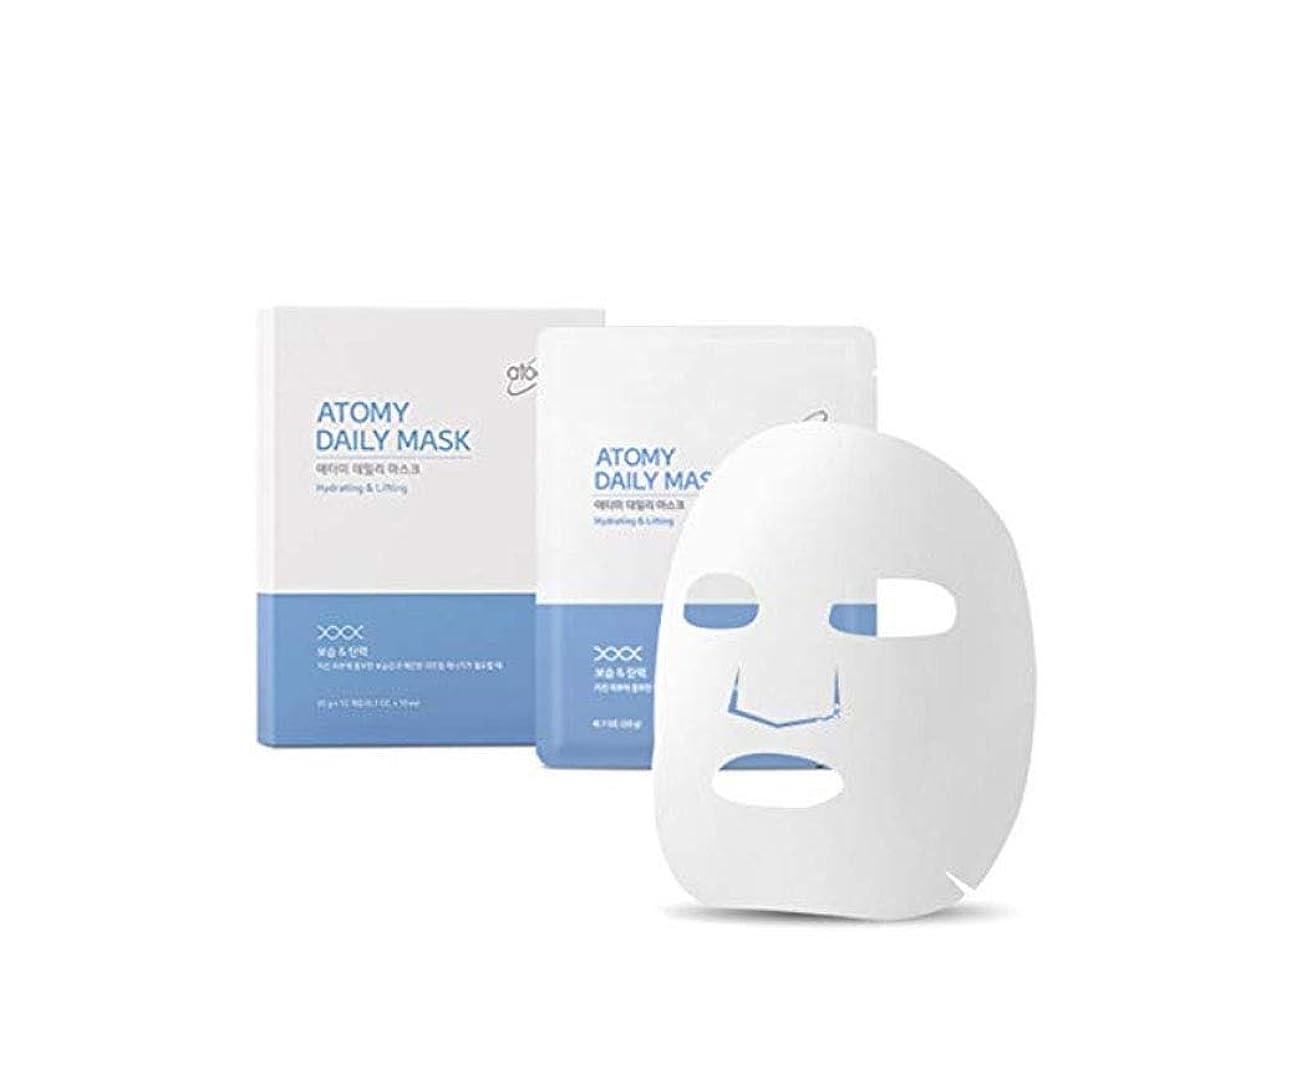 贅沢なピース蜜[NEW] Atomy Daily Mask Sheet 10 Pack- Hydrating & Lifting アトミ 自然由来の成分と4つの特許成分マスクパック(並行輸入品)